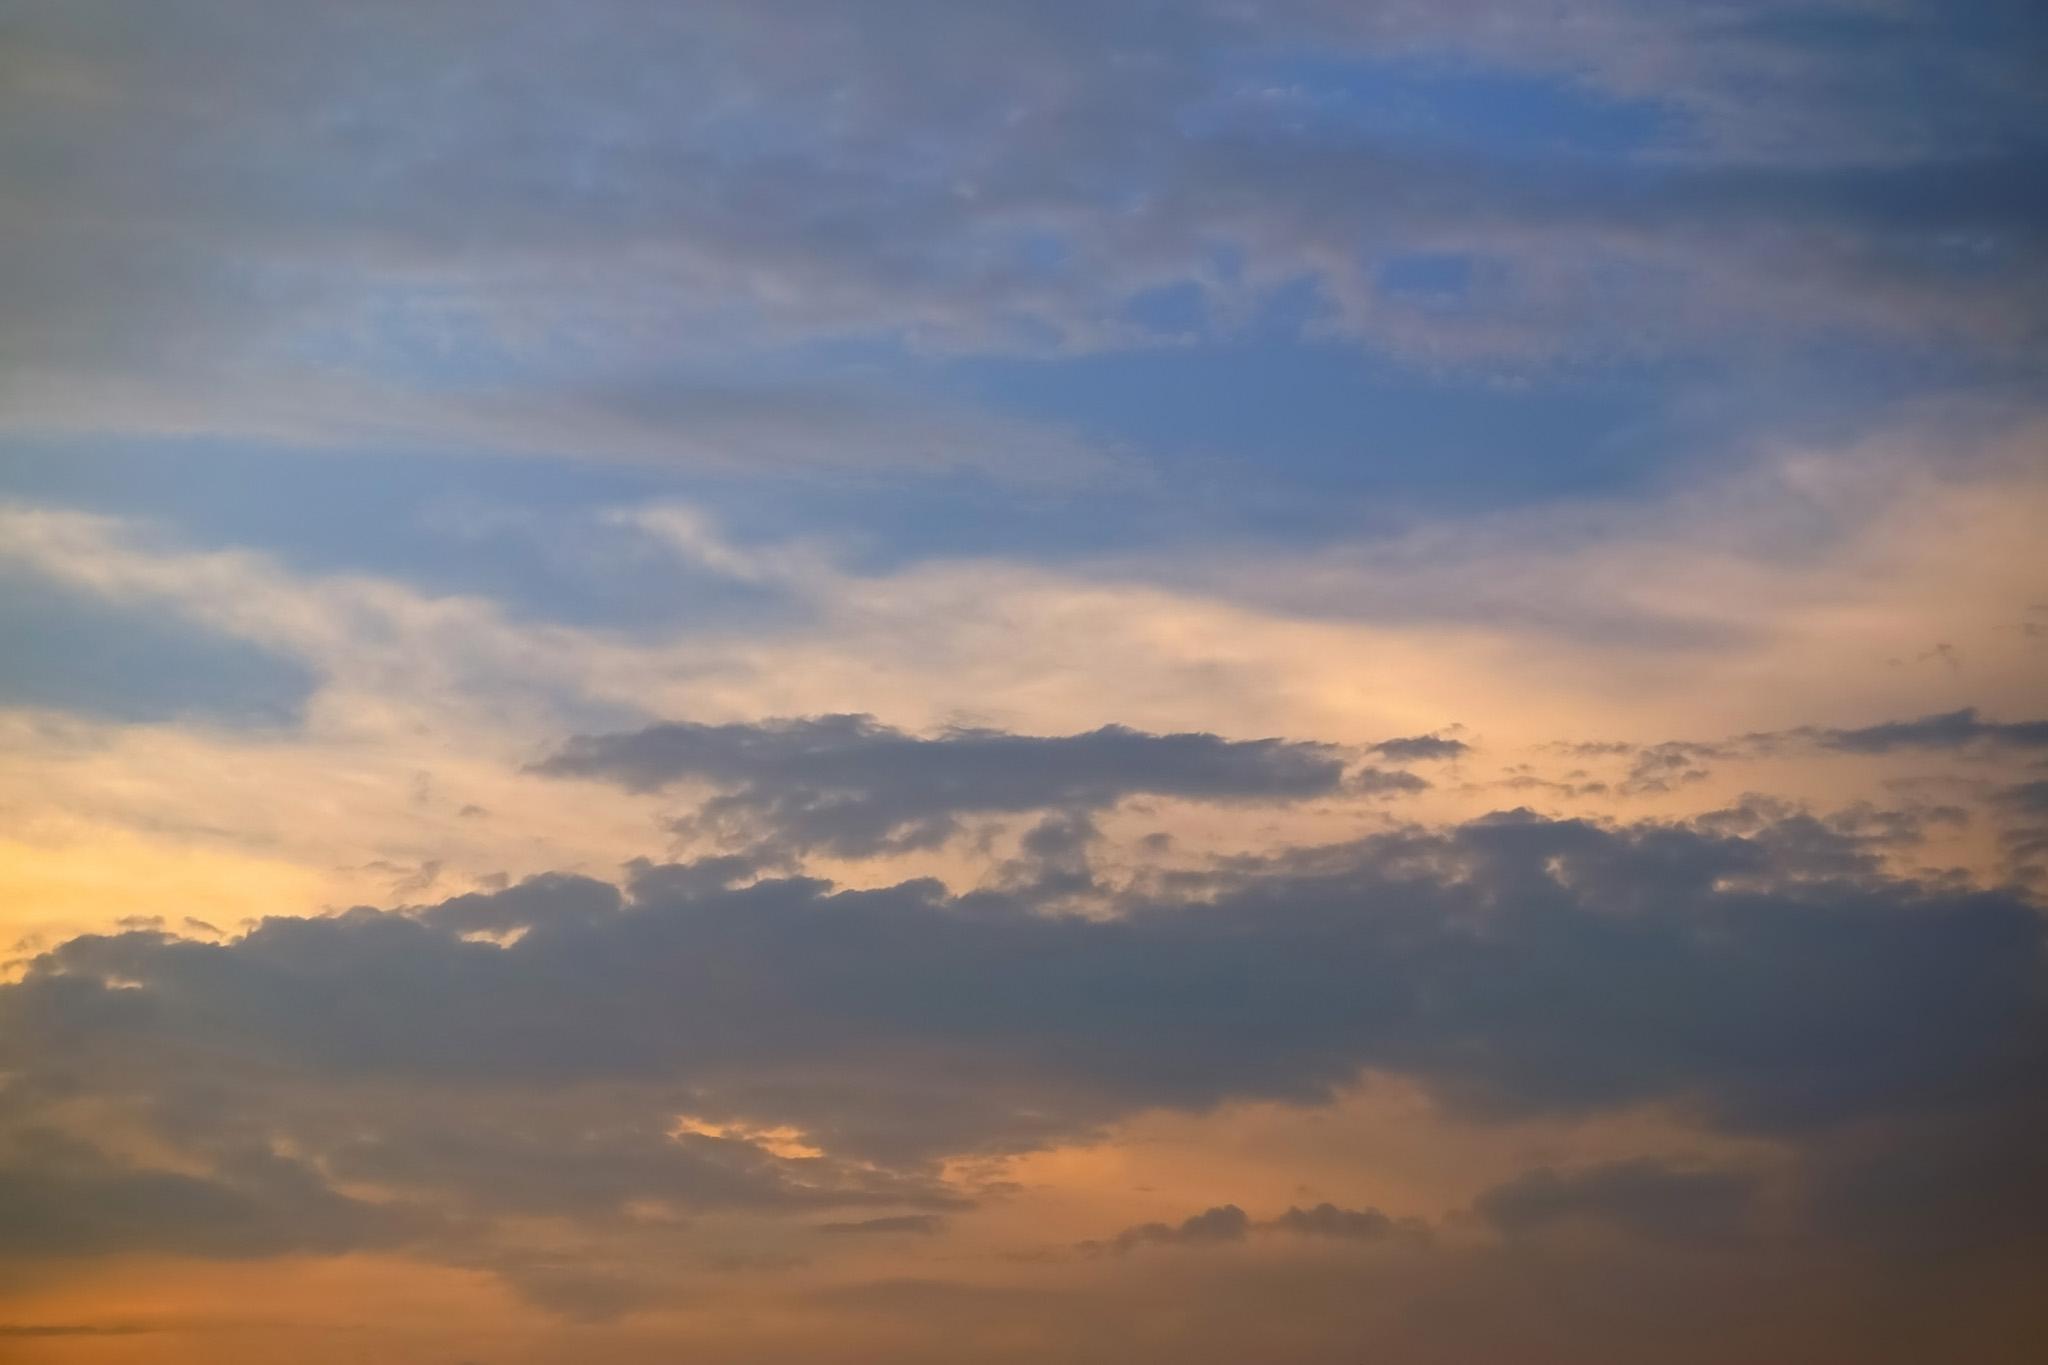 「淡い彩りの穏やかな夕焼け」